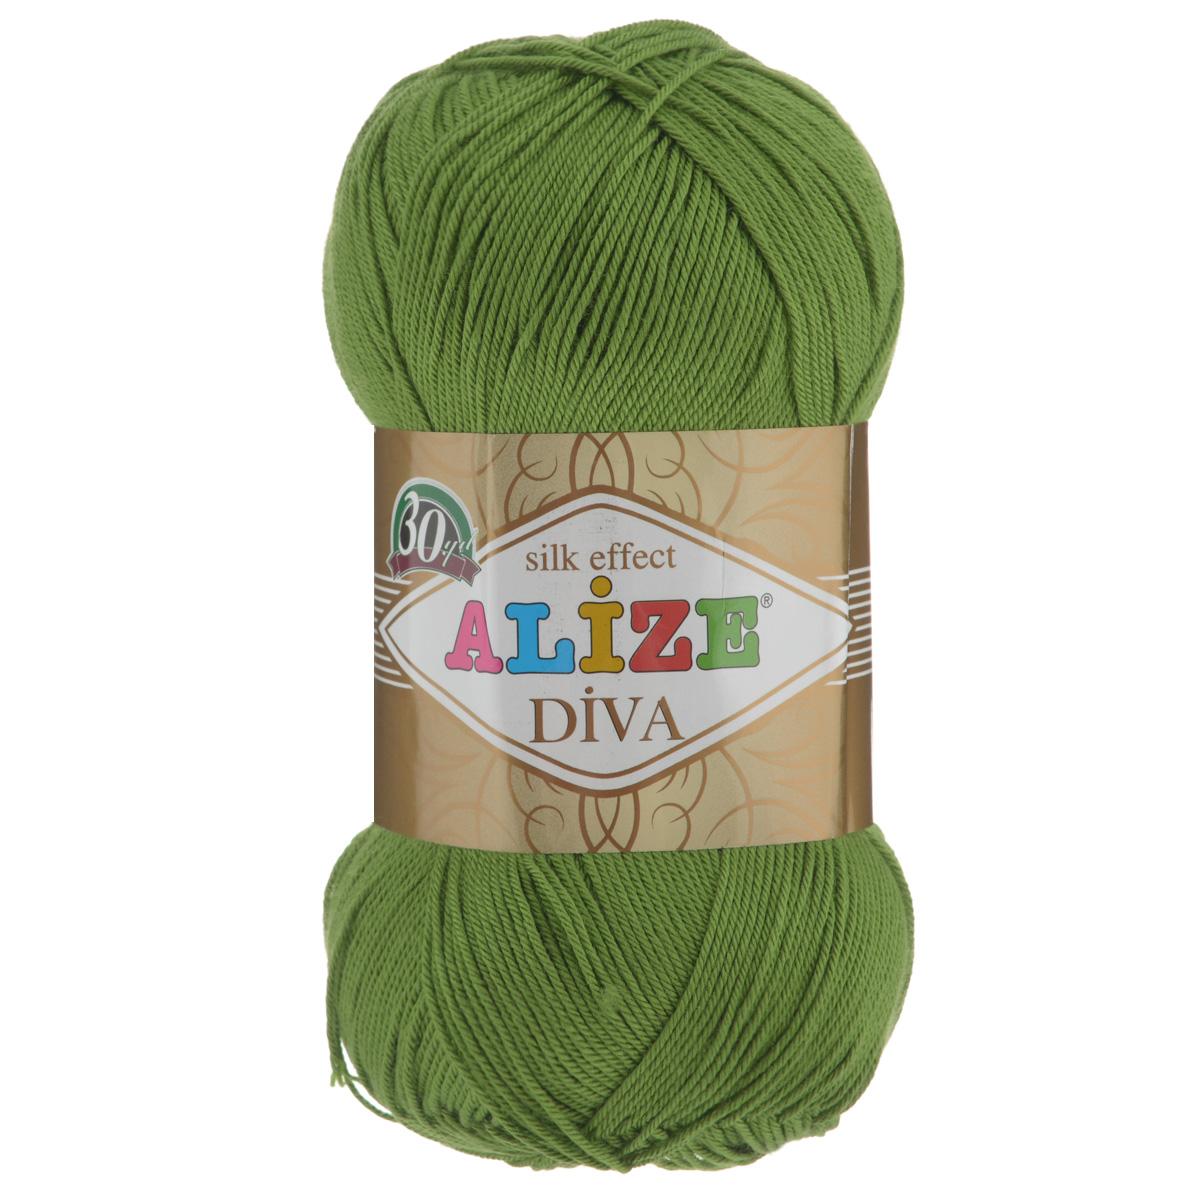 Пряжа для вязания Alize Diva, цвет: зеленый (210), 350 м, 100 г, 5 шт364126_210Легкая пряжа Diva с шелковым эффектом для весенних или летних вещей. Приятная на ощупь, обладающая высокой гигроскопичностью, пряжа Diva из микрофибры подойдет для самых разных вязаных изделий: сарафанов, туник, платьев, легких костюмов, кофт, шалей и накидок. Ее с одинаковым успехом можно использовать и для спиц, и для вязания крючком. В палитре большой выбор ярких цветов и пастельных мягких оттенков. Не стоит с предубеждением относиться к искусственной пряже, ведь она обладает целым рядом преимуществ. За изделиями из пряжи Diva проще ухаживать, они не подвержены скатыванию, не вызывают аллергии, не собирают пыль, не линяют и не оставляют ворсинок на другой одежде. Рекомендованные спицы № 2,5-3,5, крючок № 1-3. Состав: 100% микрофибра.